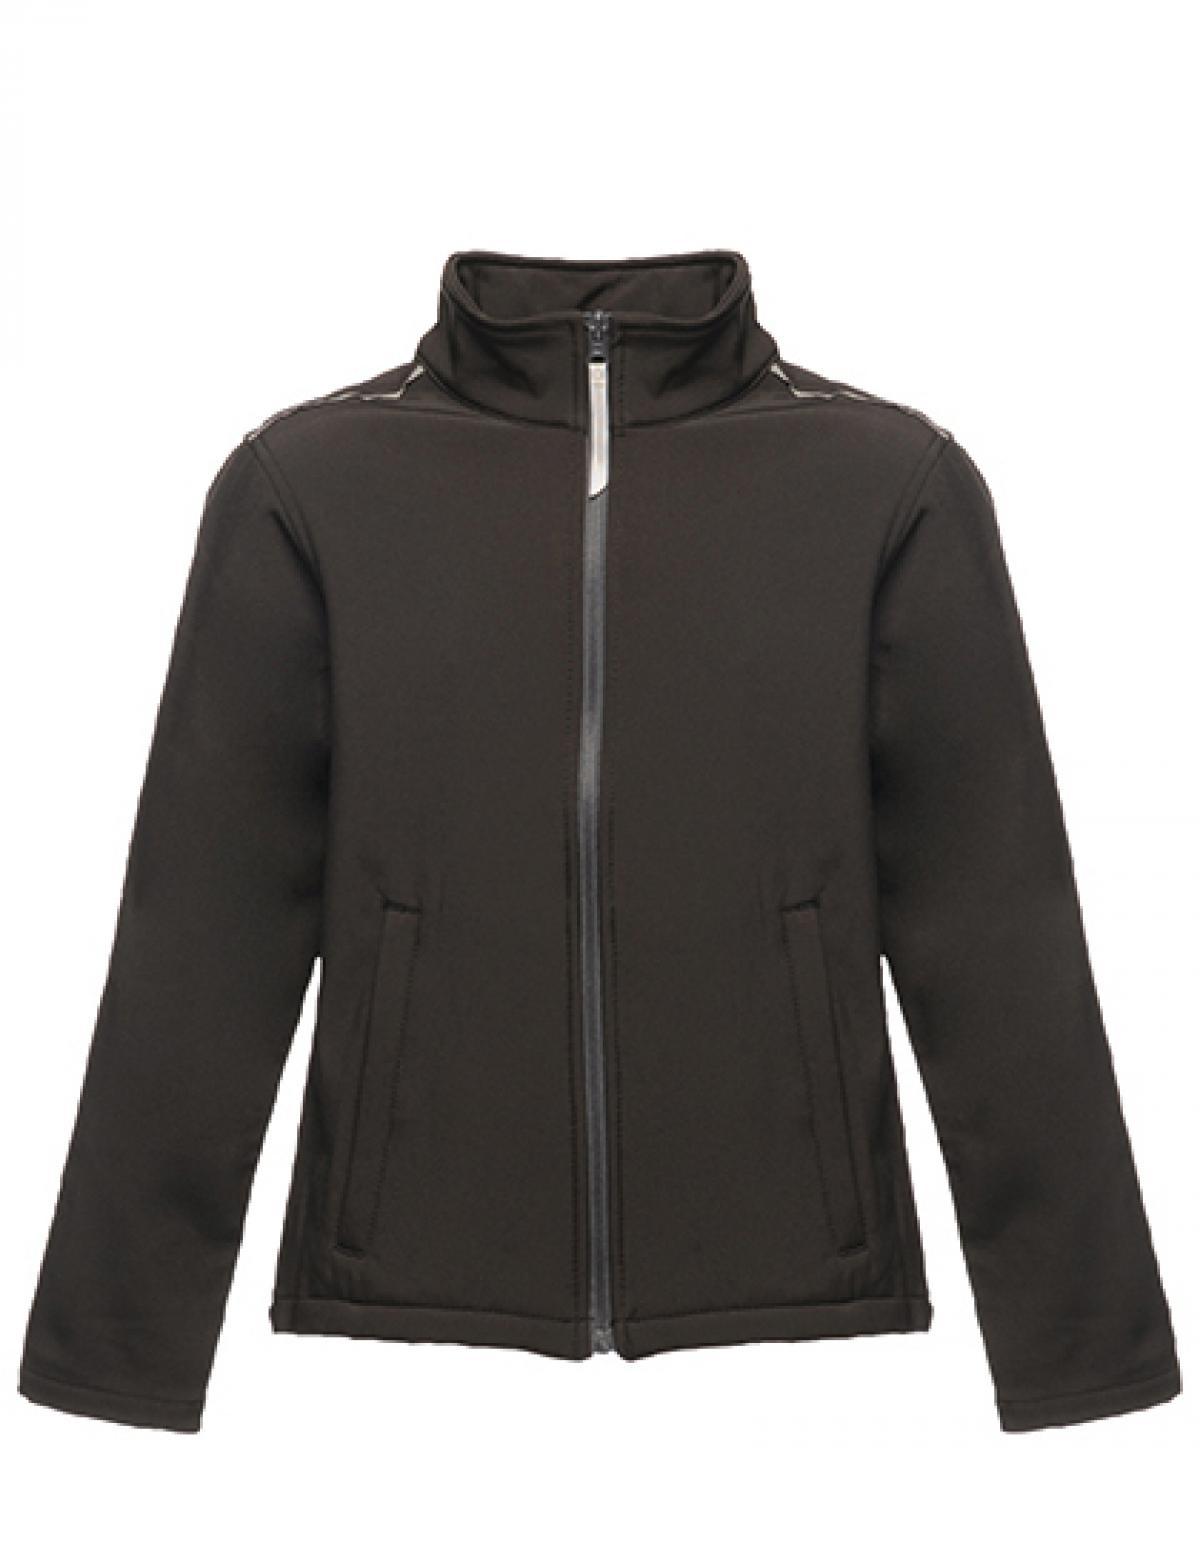 kinder jacke kids classmate softshell jacket rexlander s. Black Bedroom Furniture Sets. Home Design Ideas